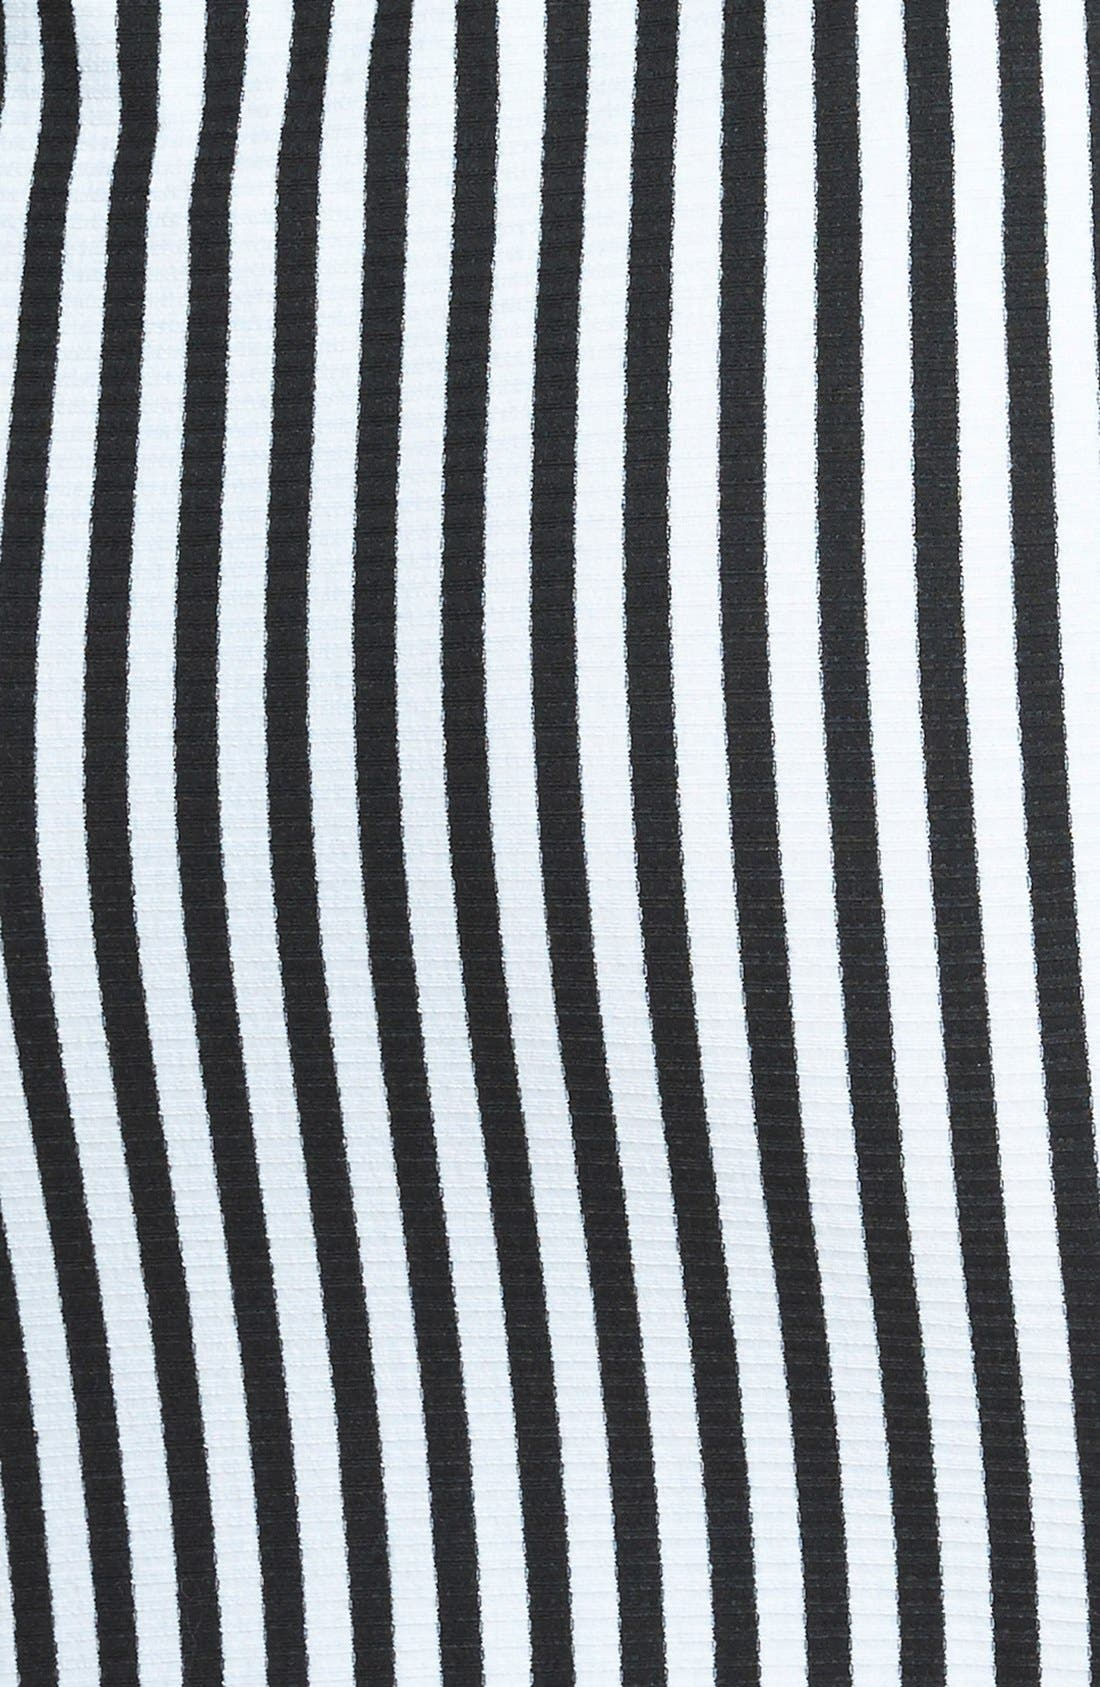 Alternate Image 3  - MINKPINK 'Stealing Harvard' Midi Dress